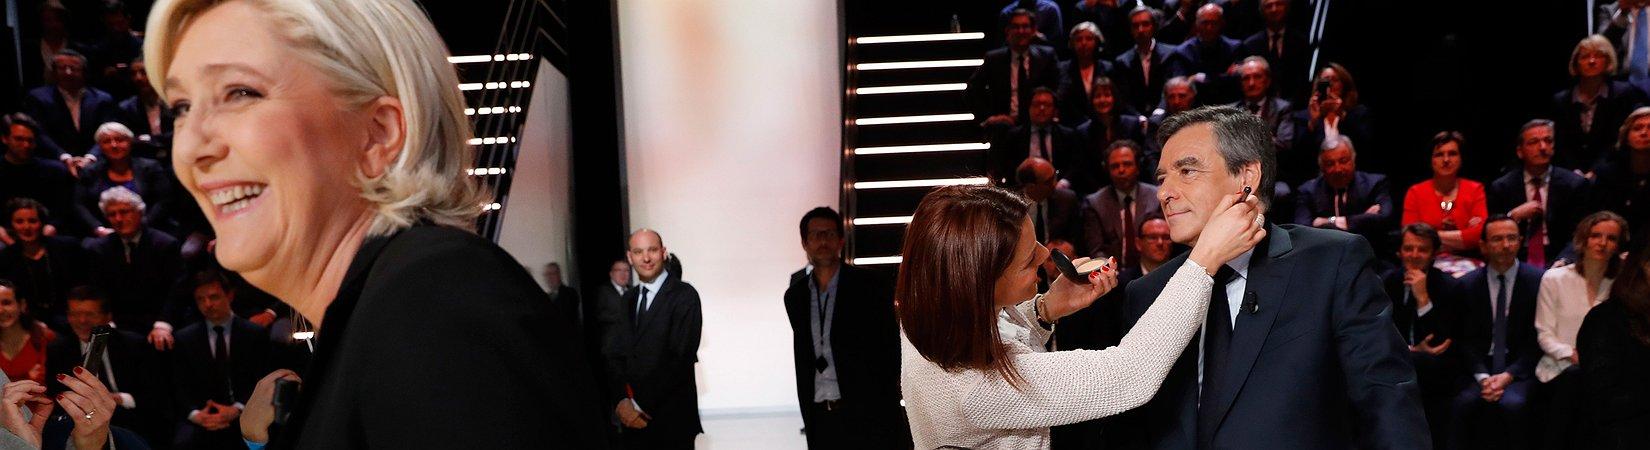 Eleições presidenciais em França: as propostas dos principais candidatos